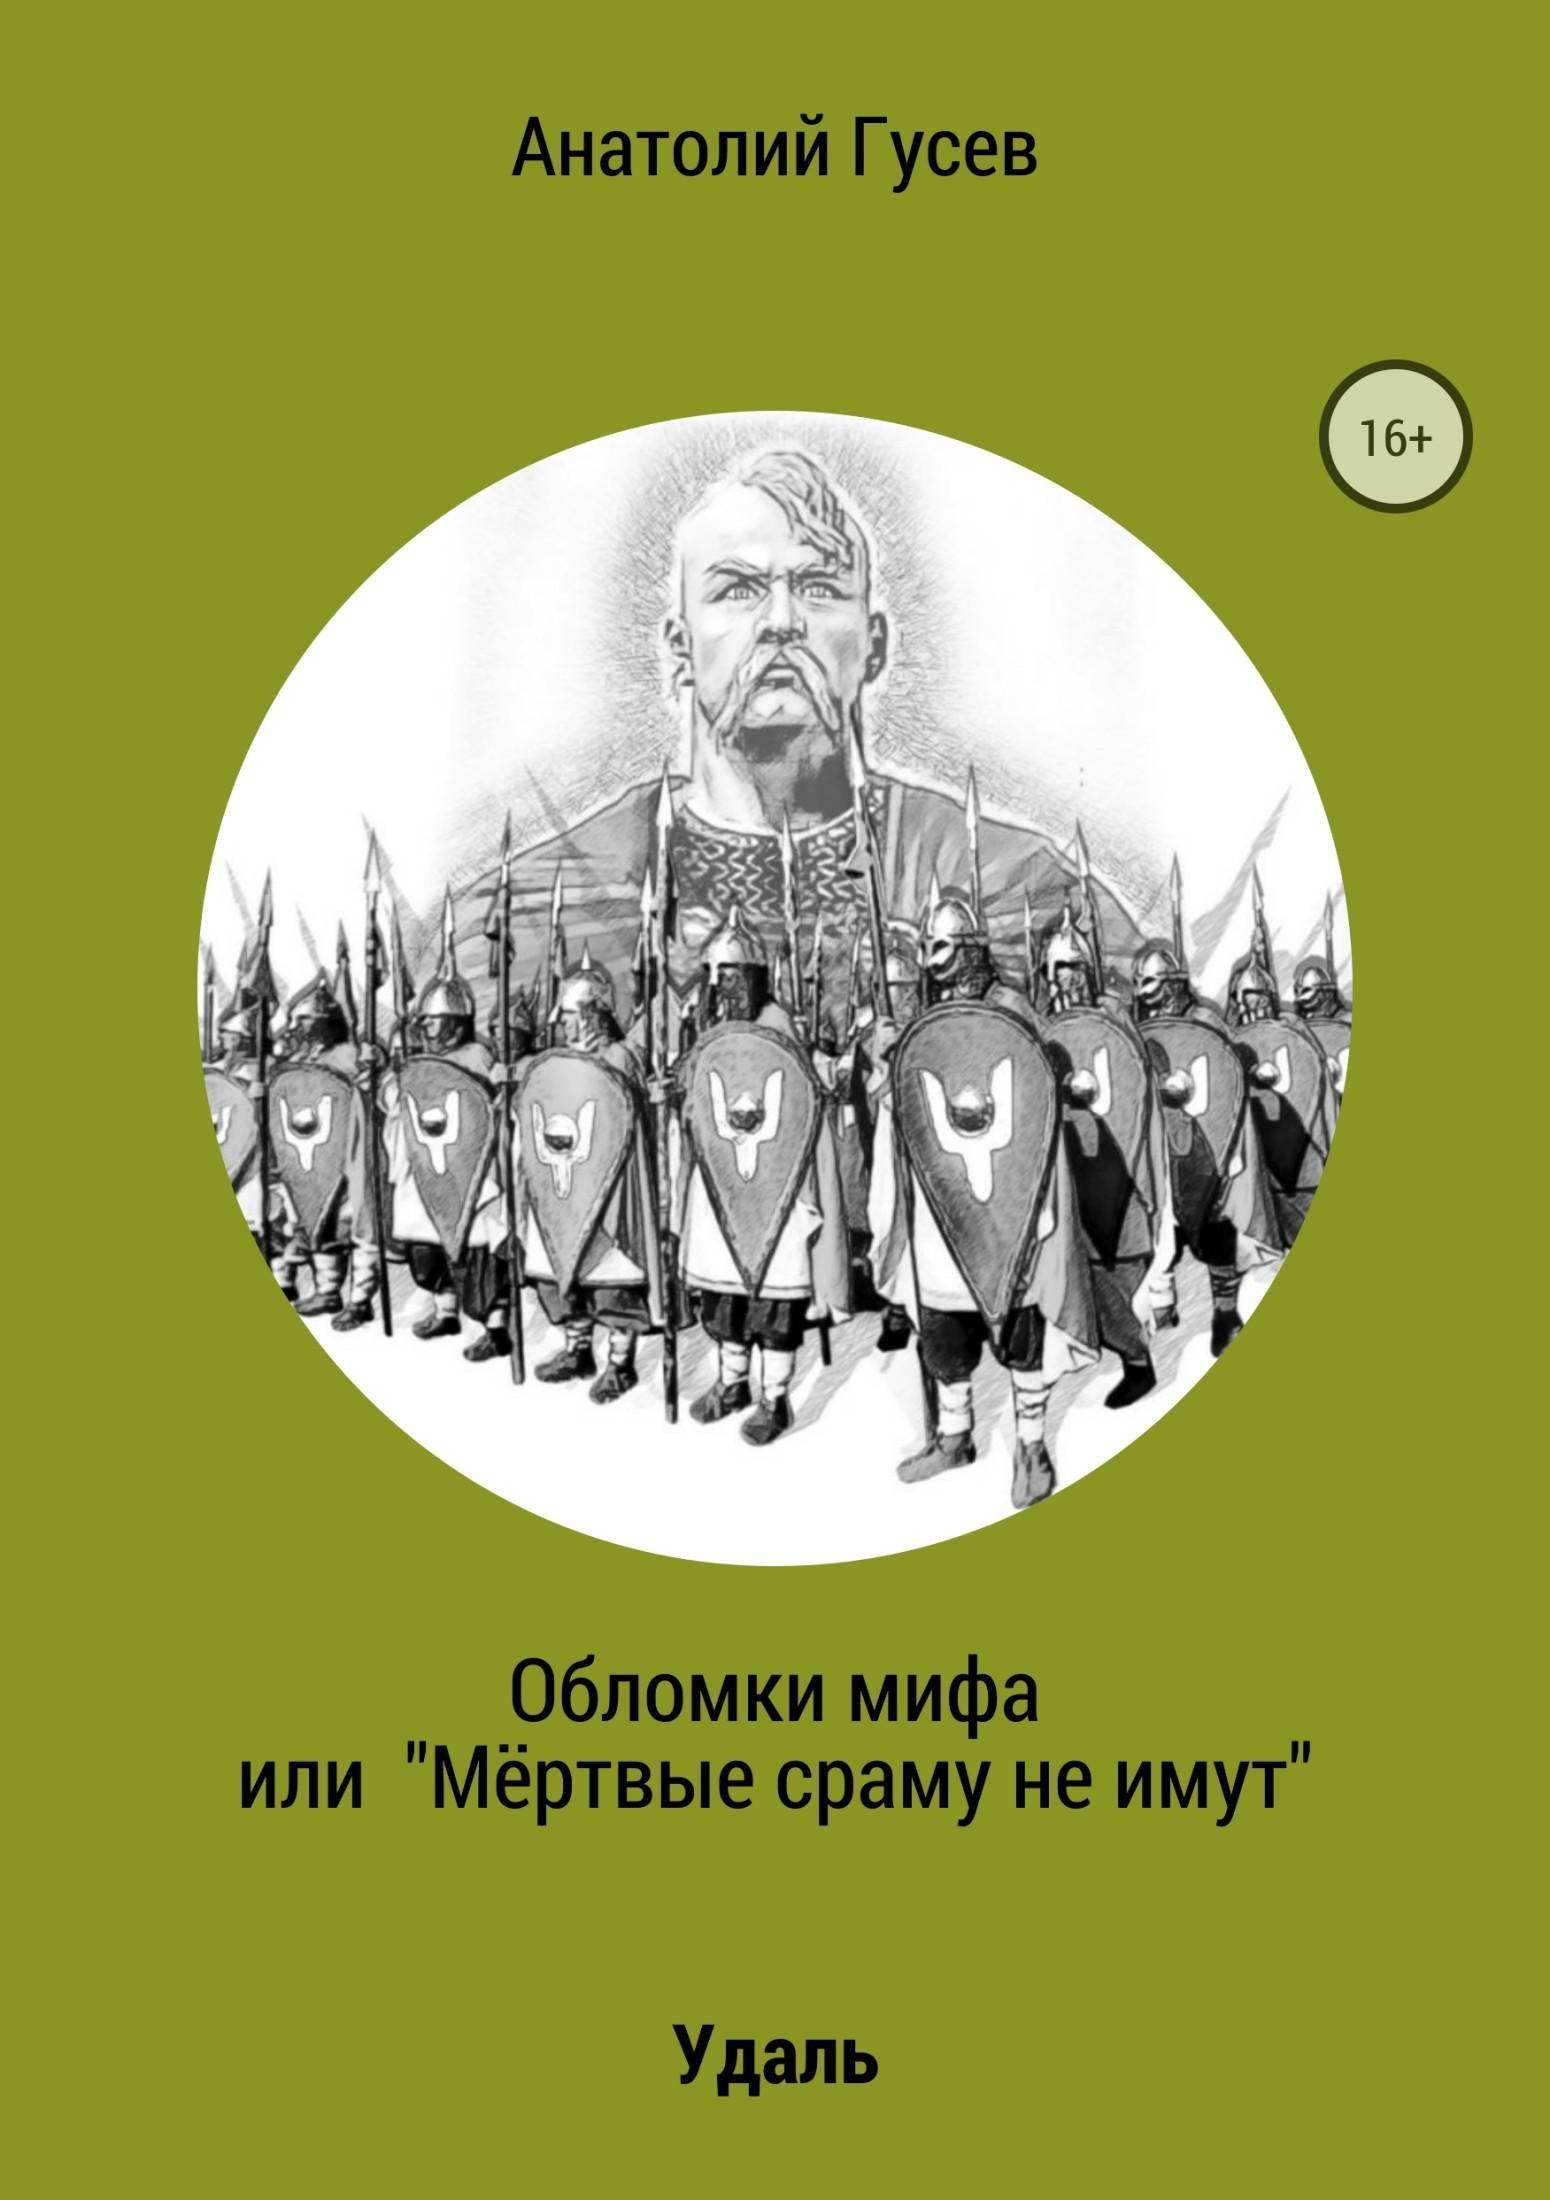 Анатолий Гусев - Обломки мифа, или «Мёртвые сраму не имут»